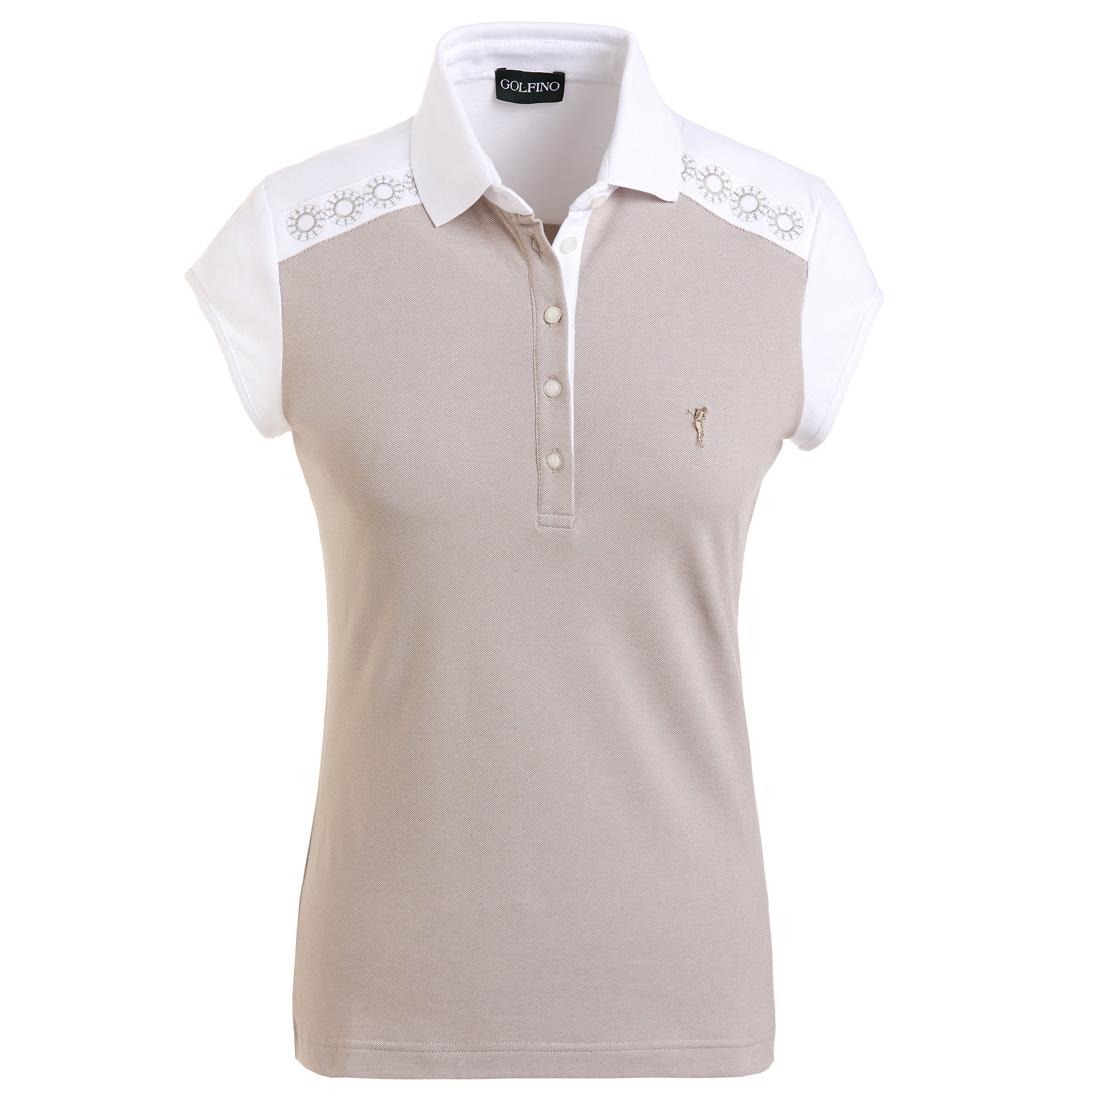 Damen Golfpoloshirt mit Sun Protection und edler Stickerei in Slim Fit